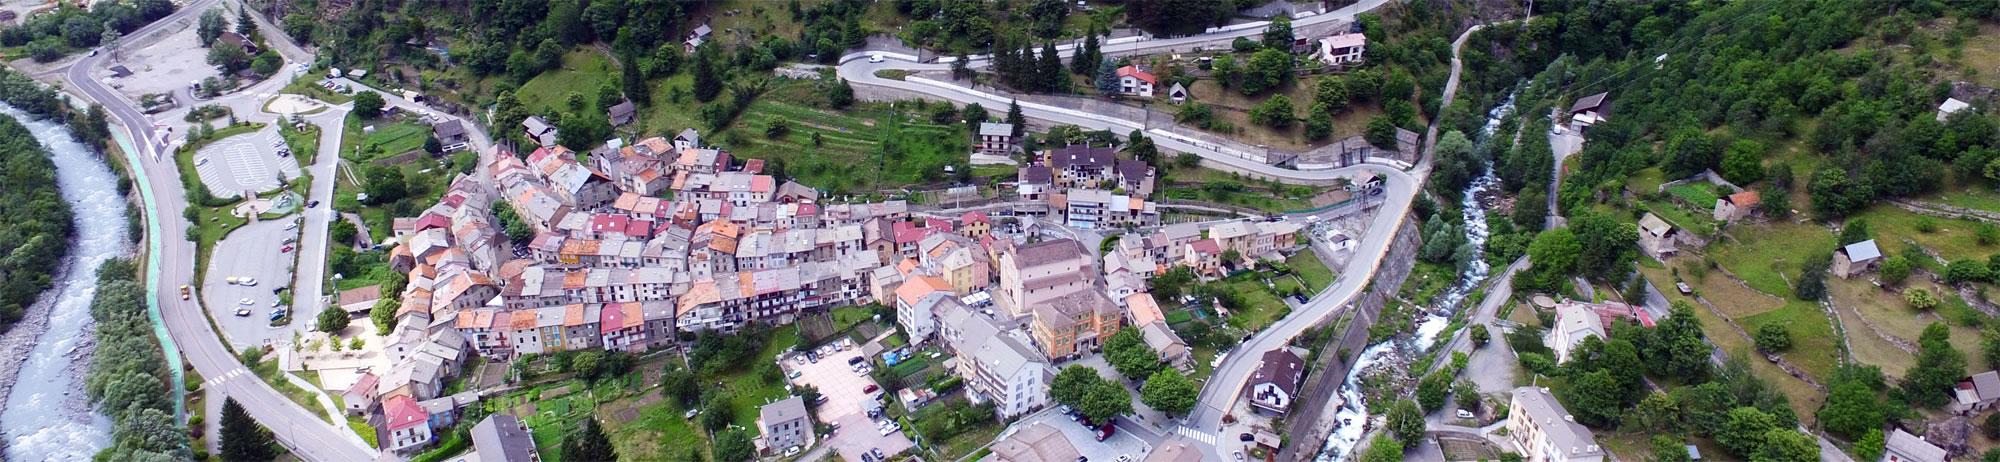 isola-vue-village-ciel-drone